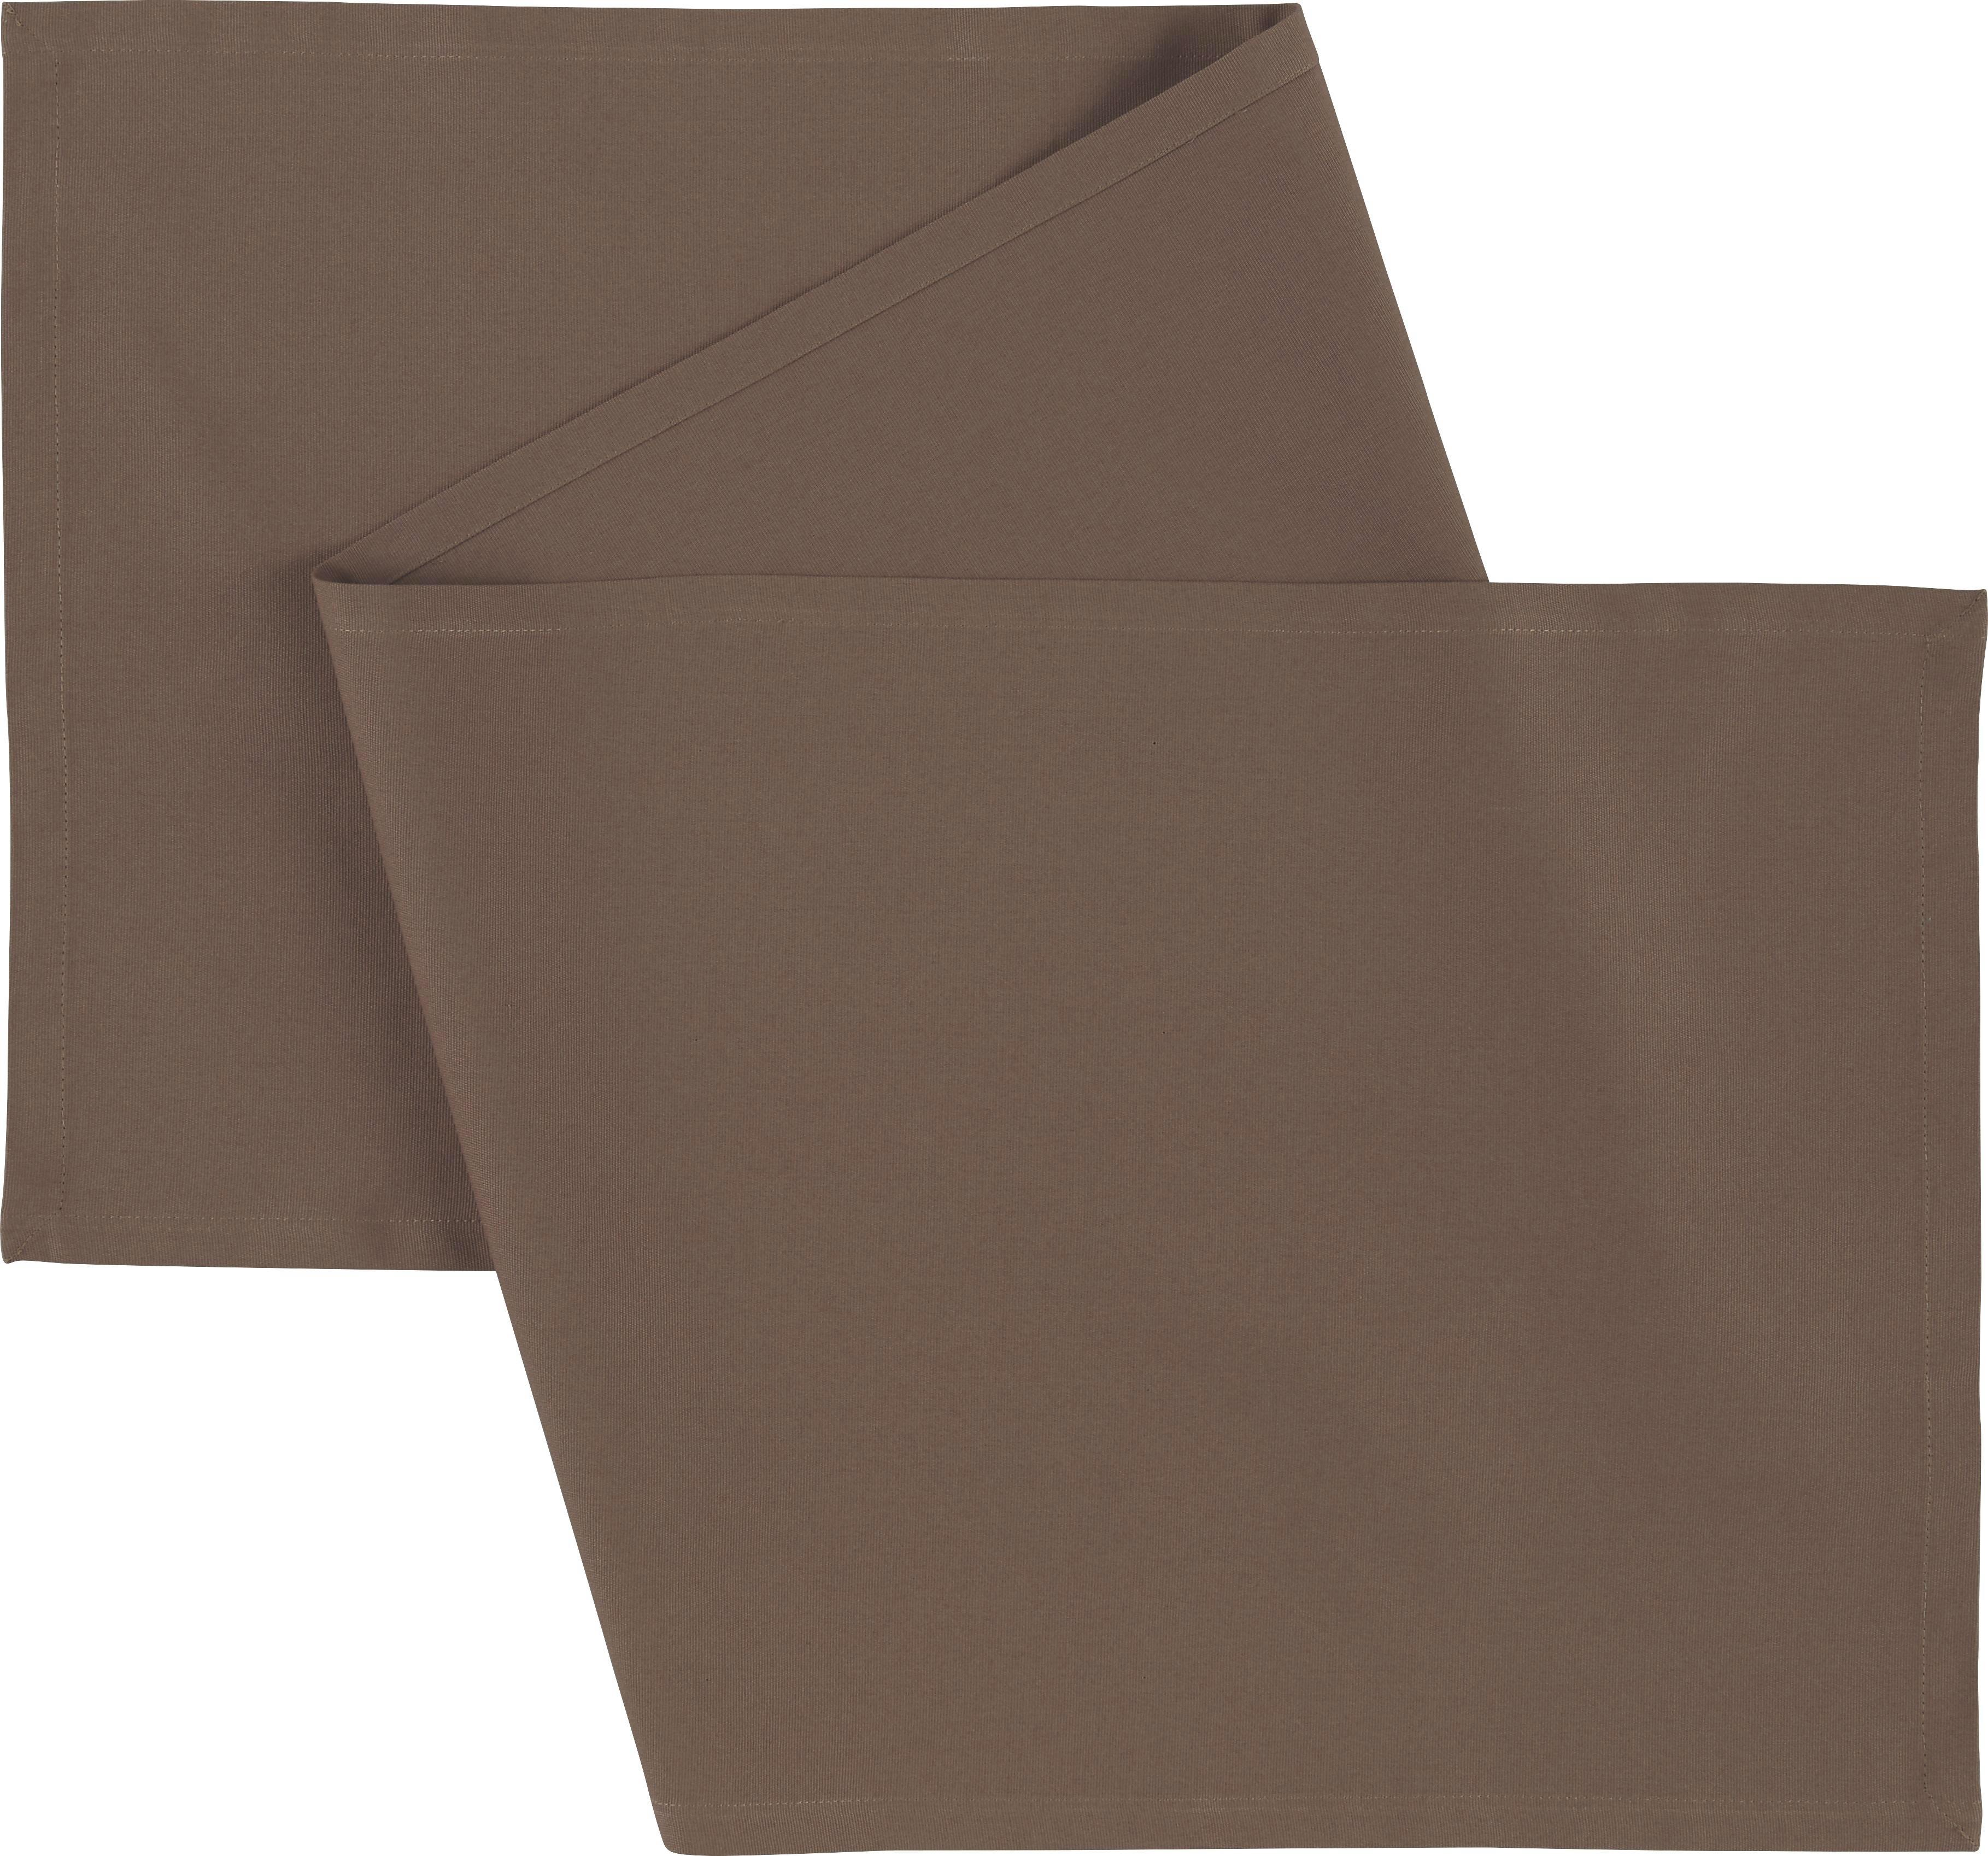 Asztali Futó Steffi - szürkésbarna, textil (45/150cm) - MÖMAX modern living